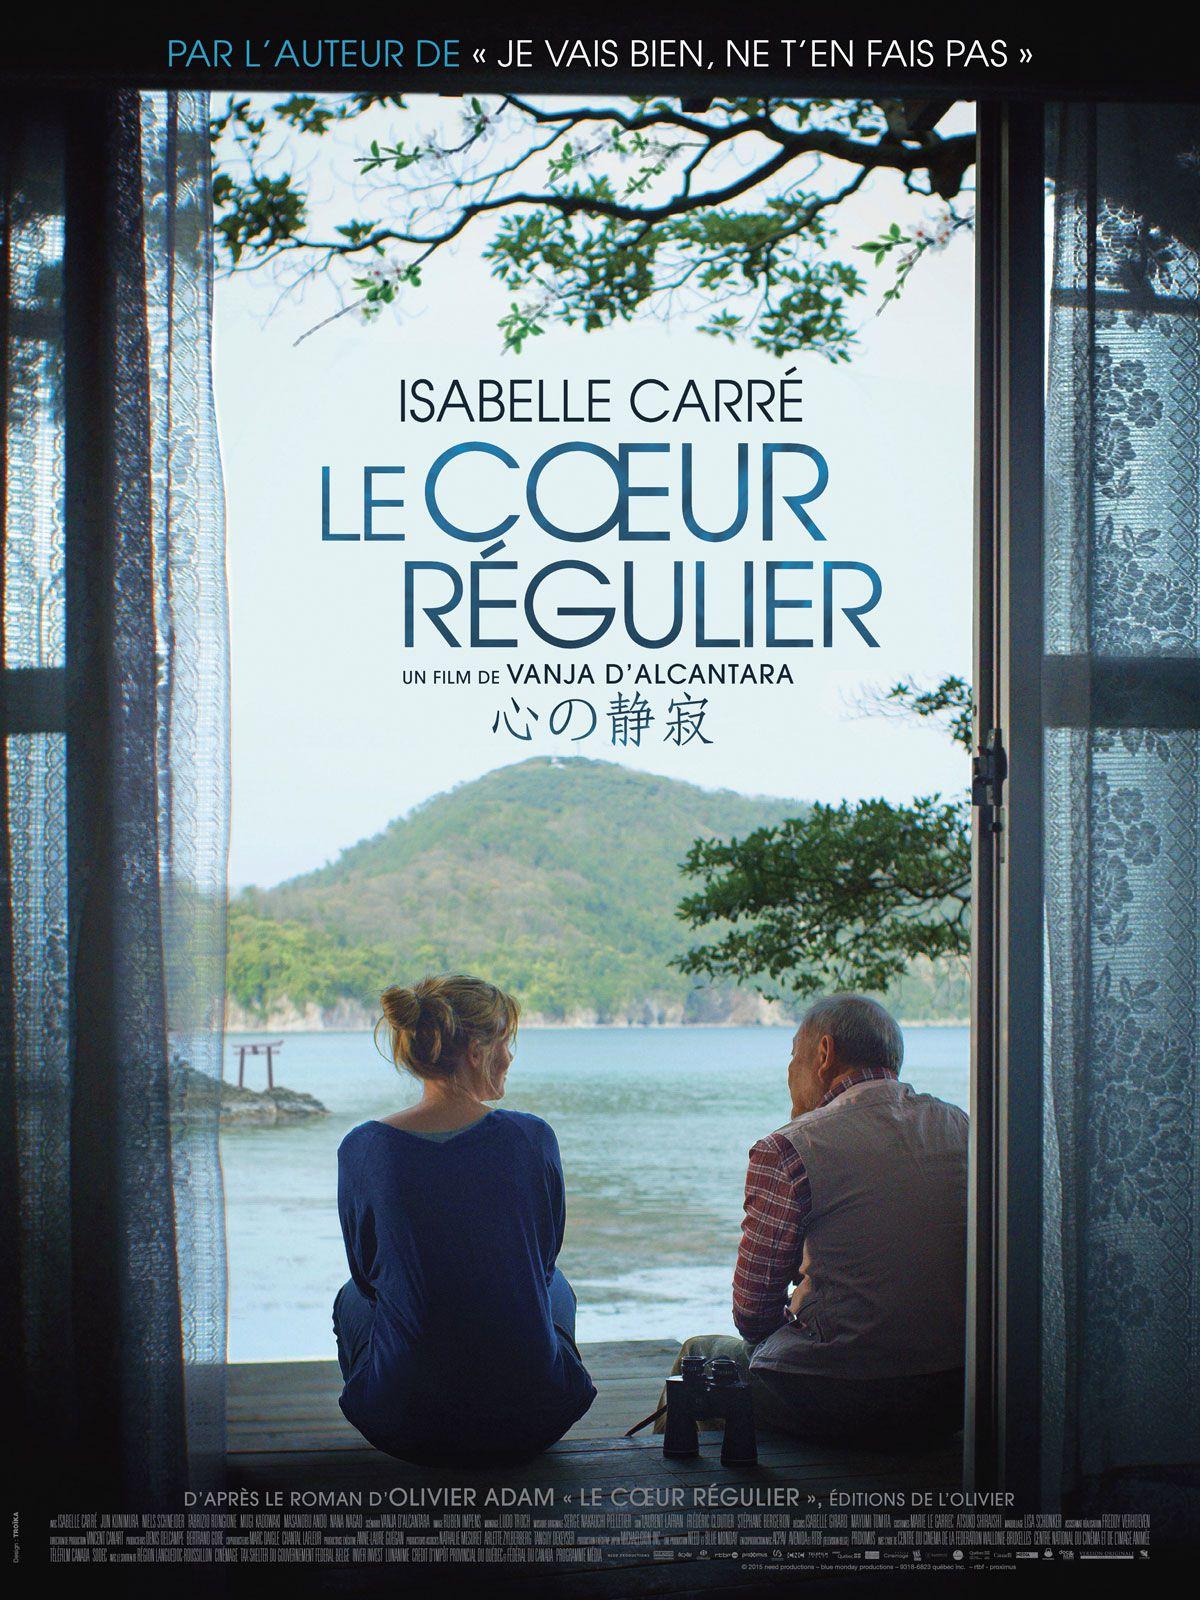 Le Cœur régulier - Film (2016)